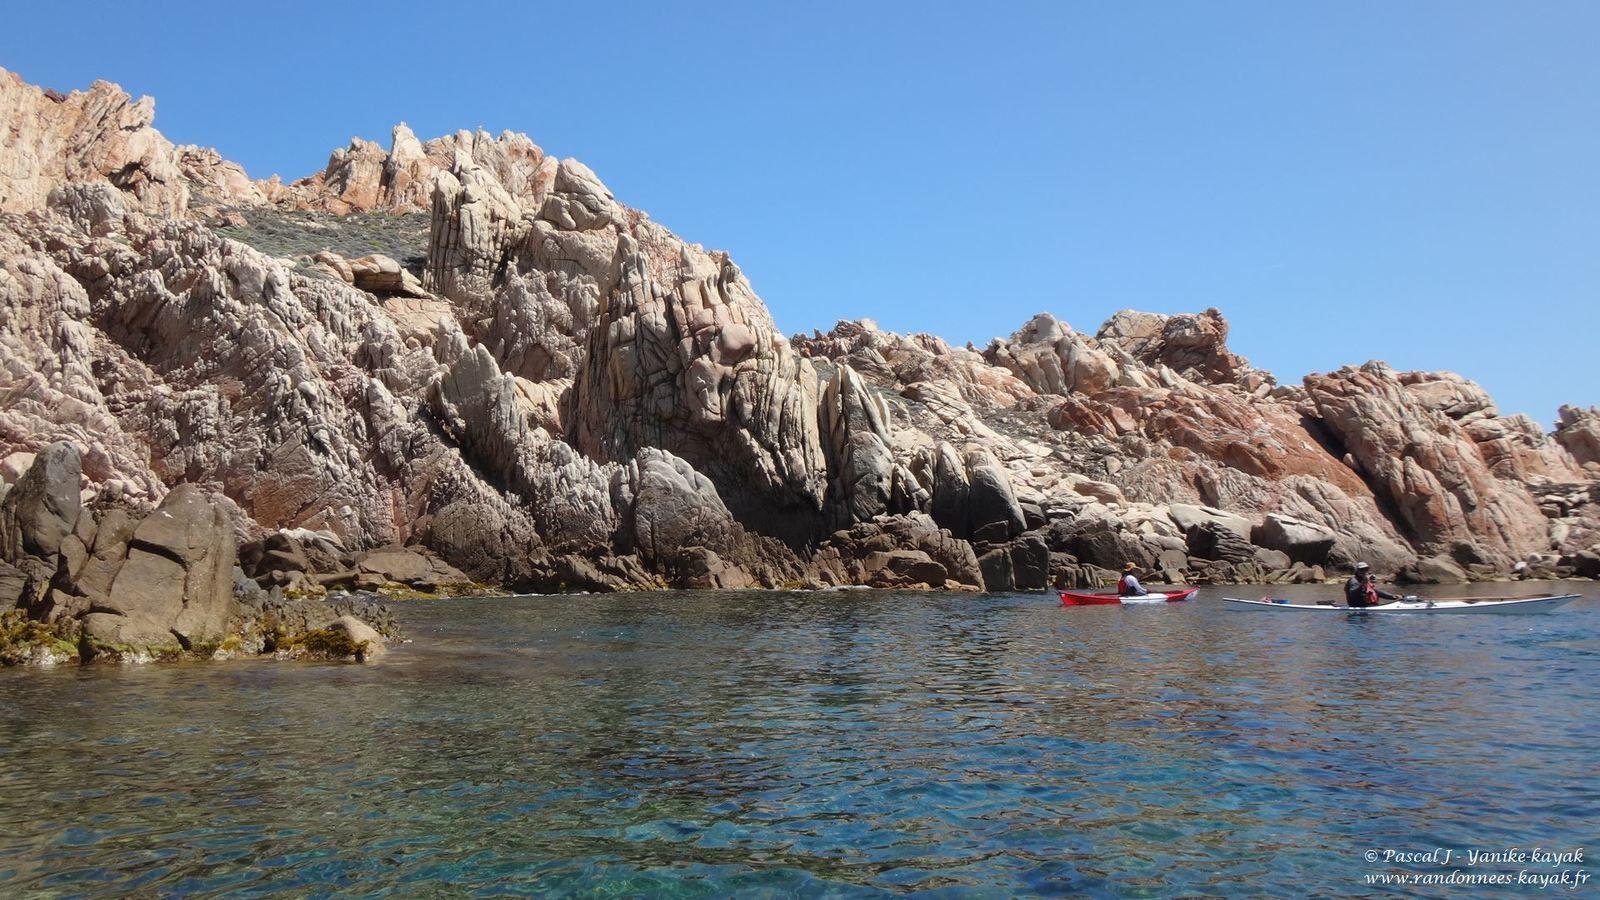 Sardegna 2019, una nuova avventura - Chapitre 14 - Budelli, Razzoli & Santa Maria, face à la Corse